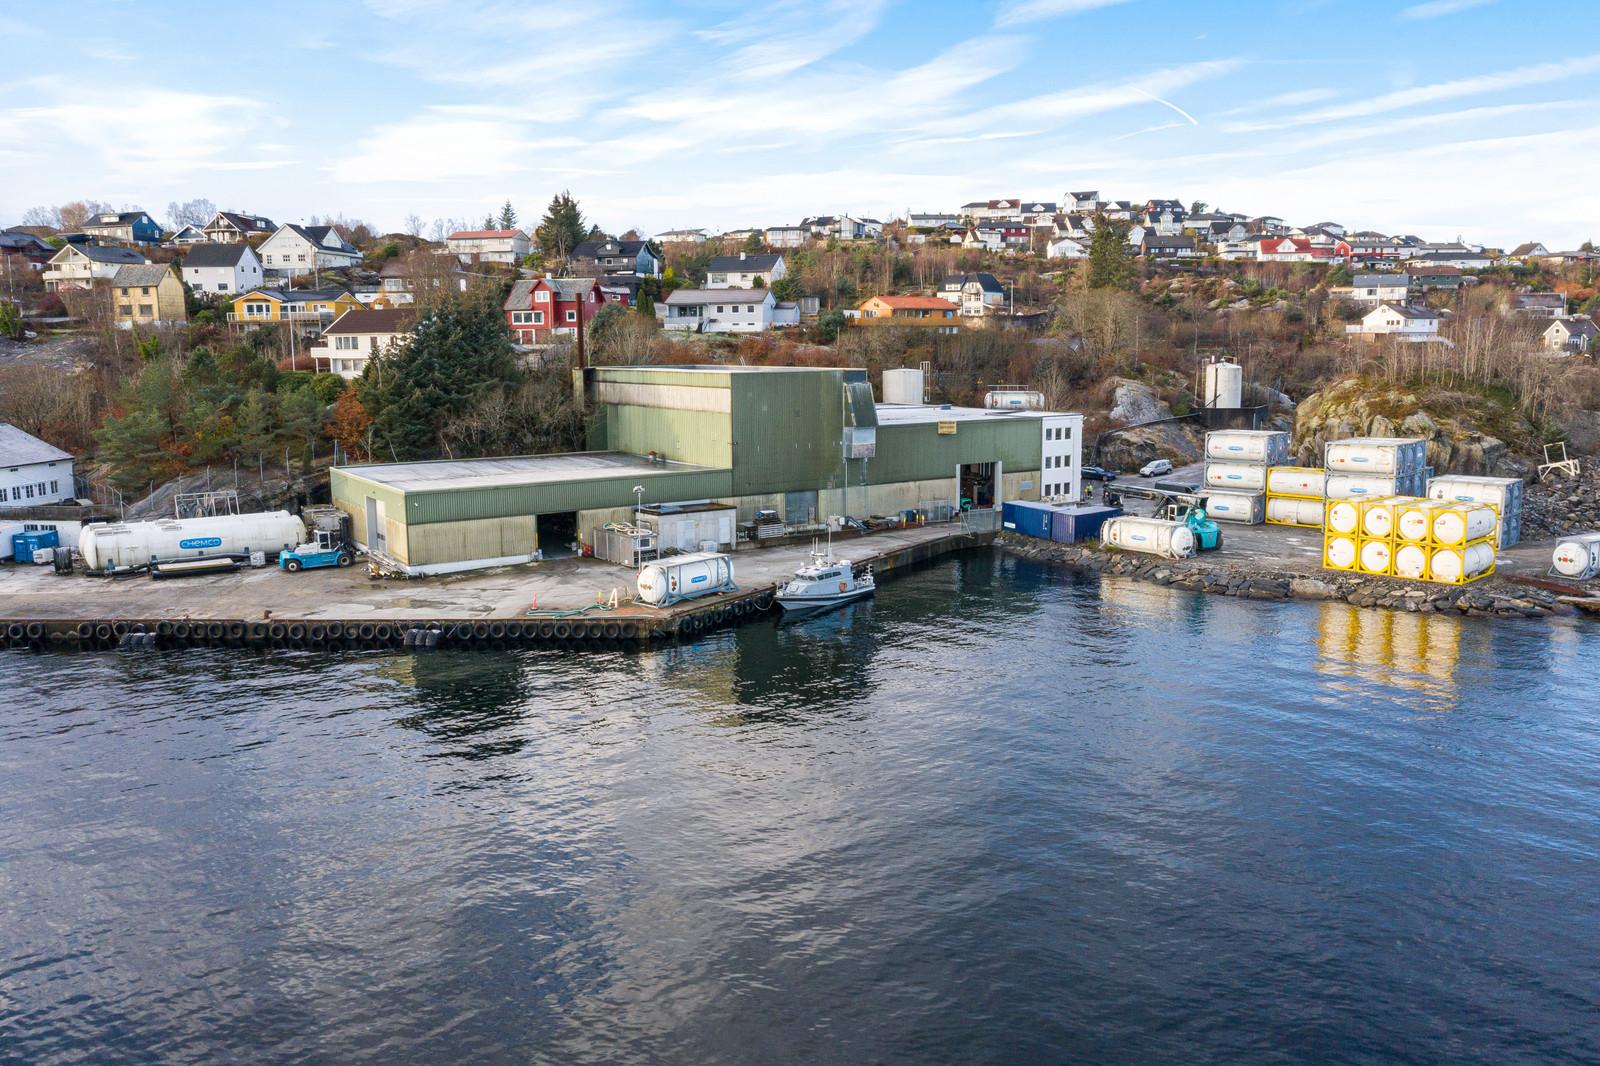 Eiendommen består i dag av moderne kontorfløy, lagerhaller med inntil 14 meter takhøyde og kaiområder med inntil 66 meter kailengde.